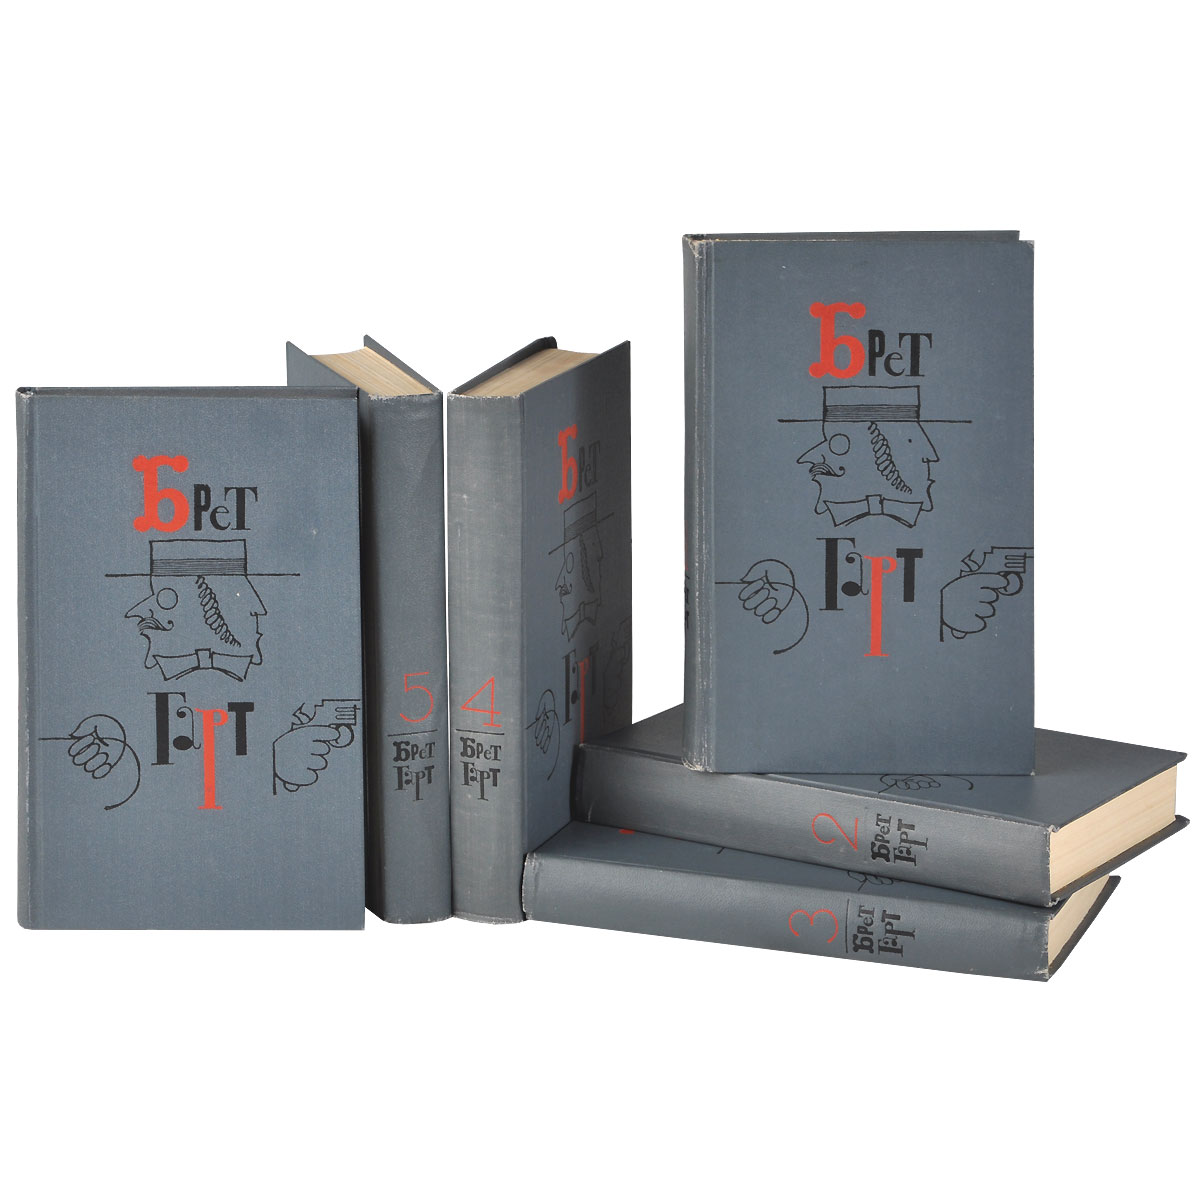 Брет Гарт Брет Гарт. Собрание сочинений в 6 томах (комплект из 6 книг) брет гарт собрание сочинений в 6 томах комплект